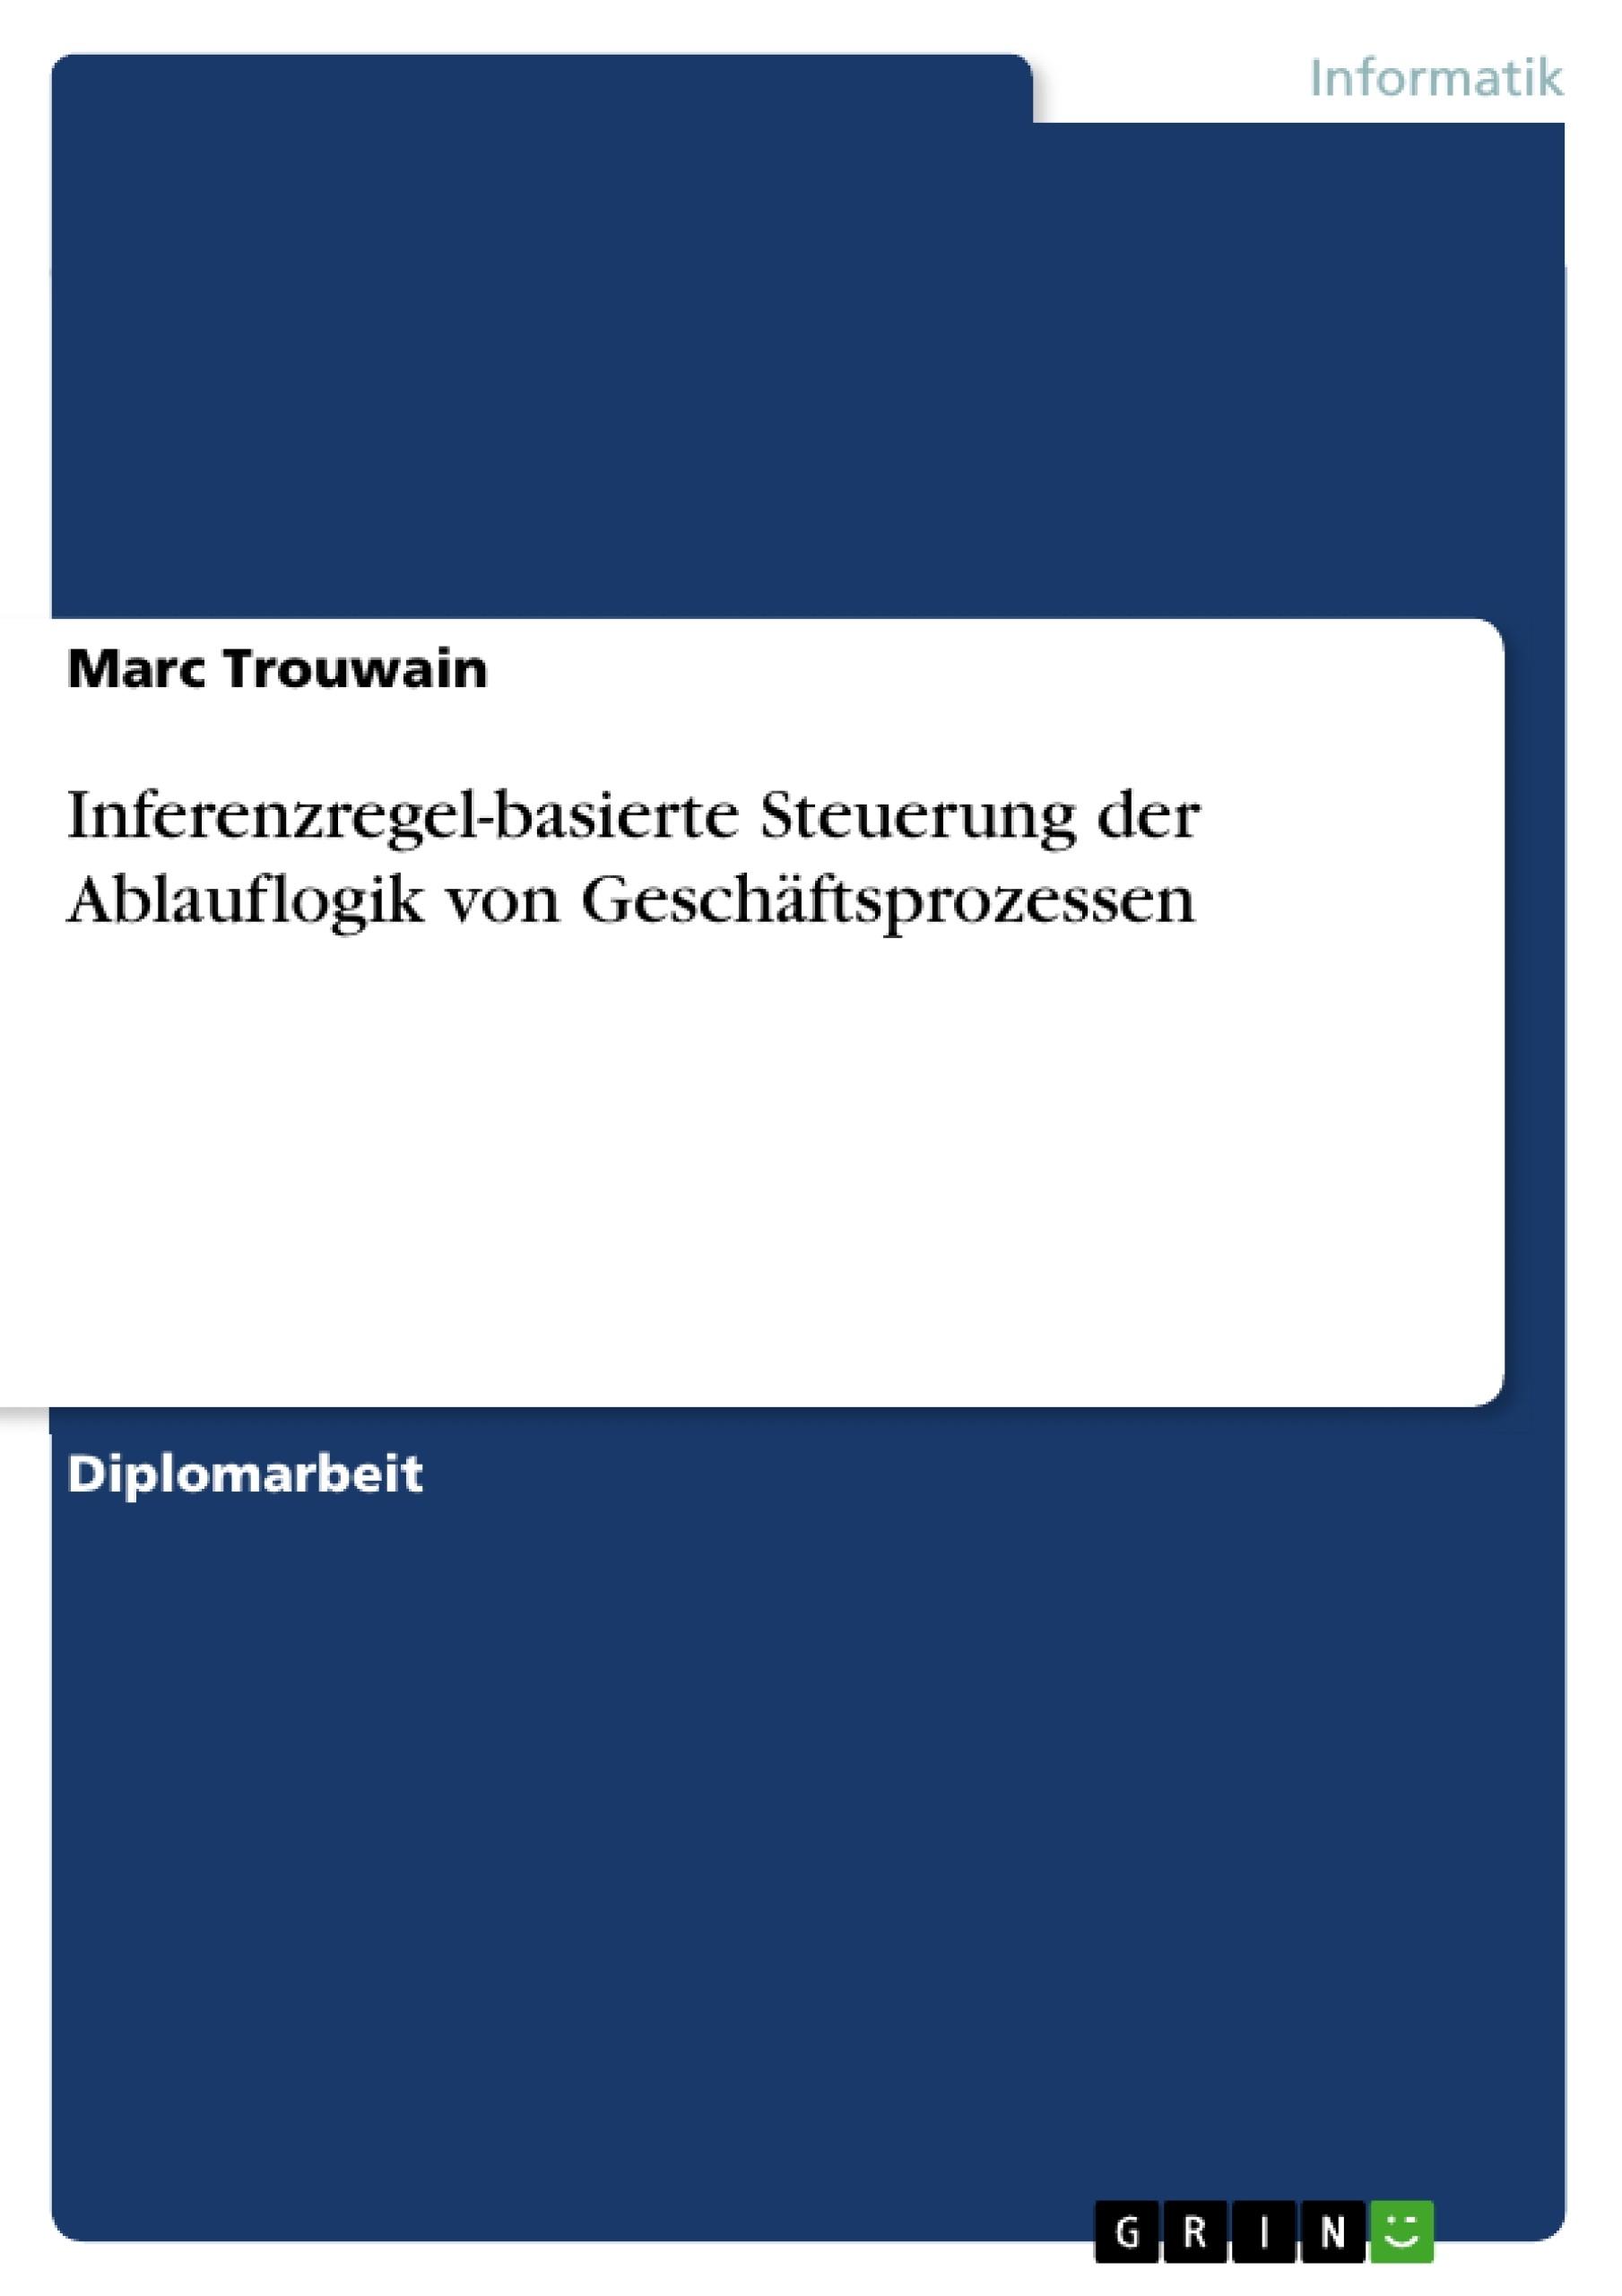 Titel: Inferenzregel-basierte Steuerung der Ablauflogik von Geschäftsprozessen